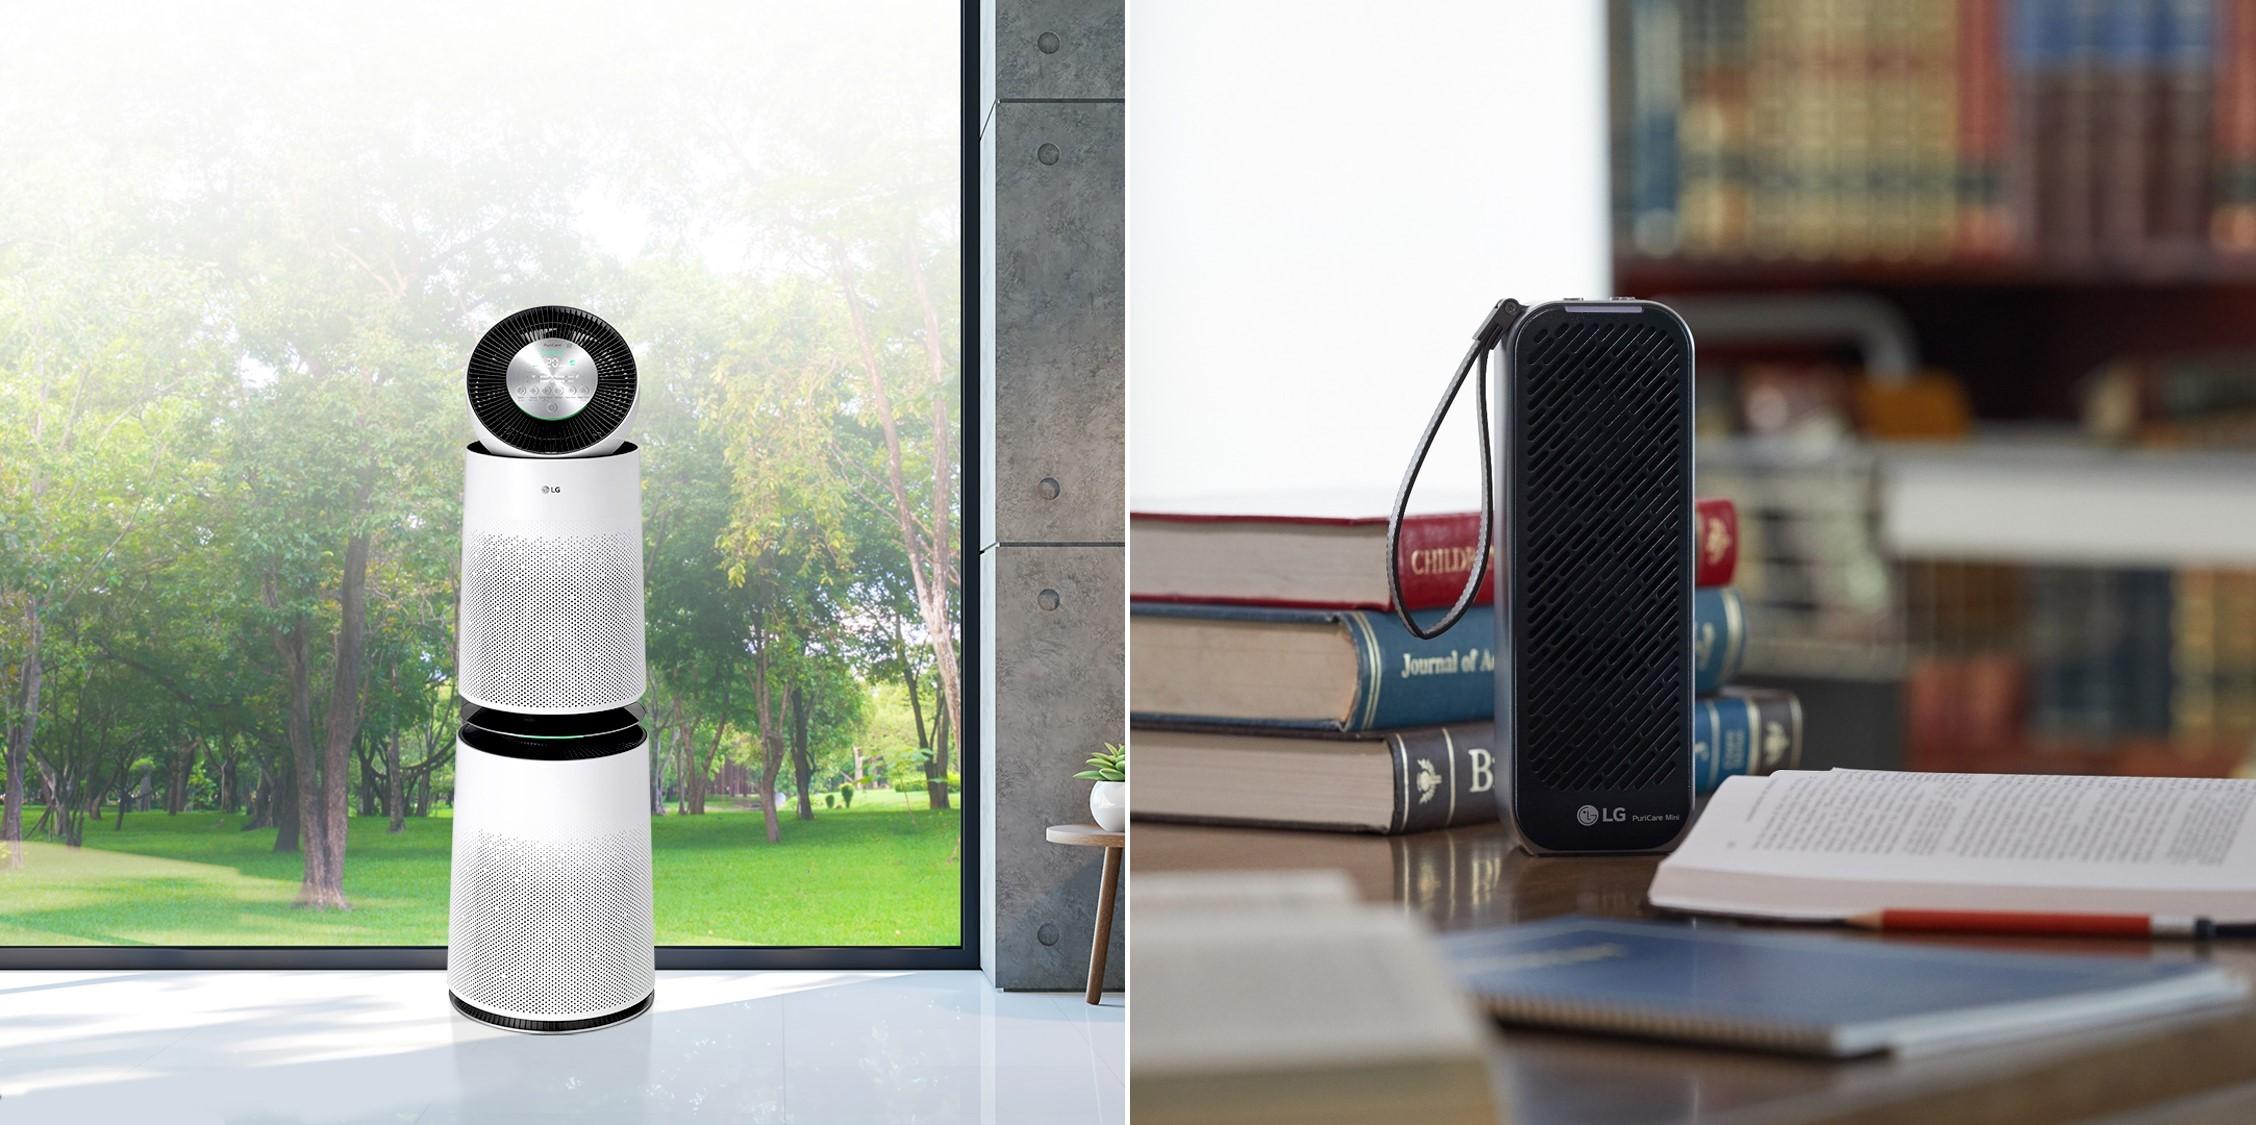 أجهزة إل جي تساعدكم في تحقيق توازن أفضل بين الحياة المنزلية والمهنية في المنزل